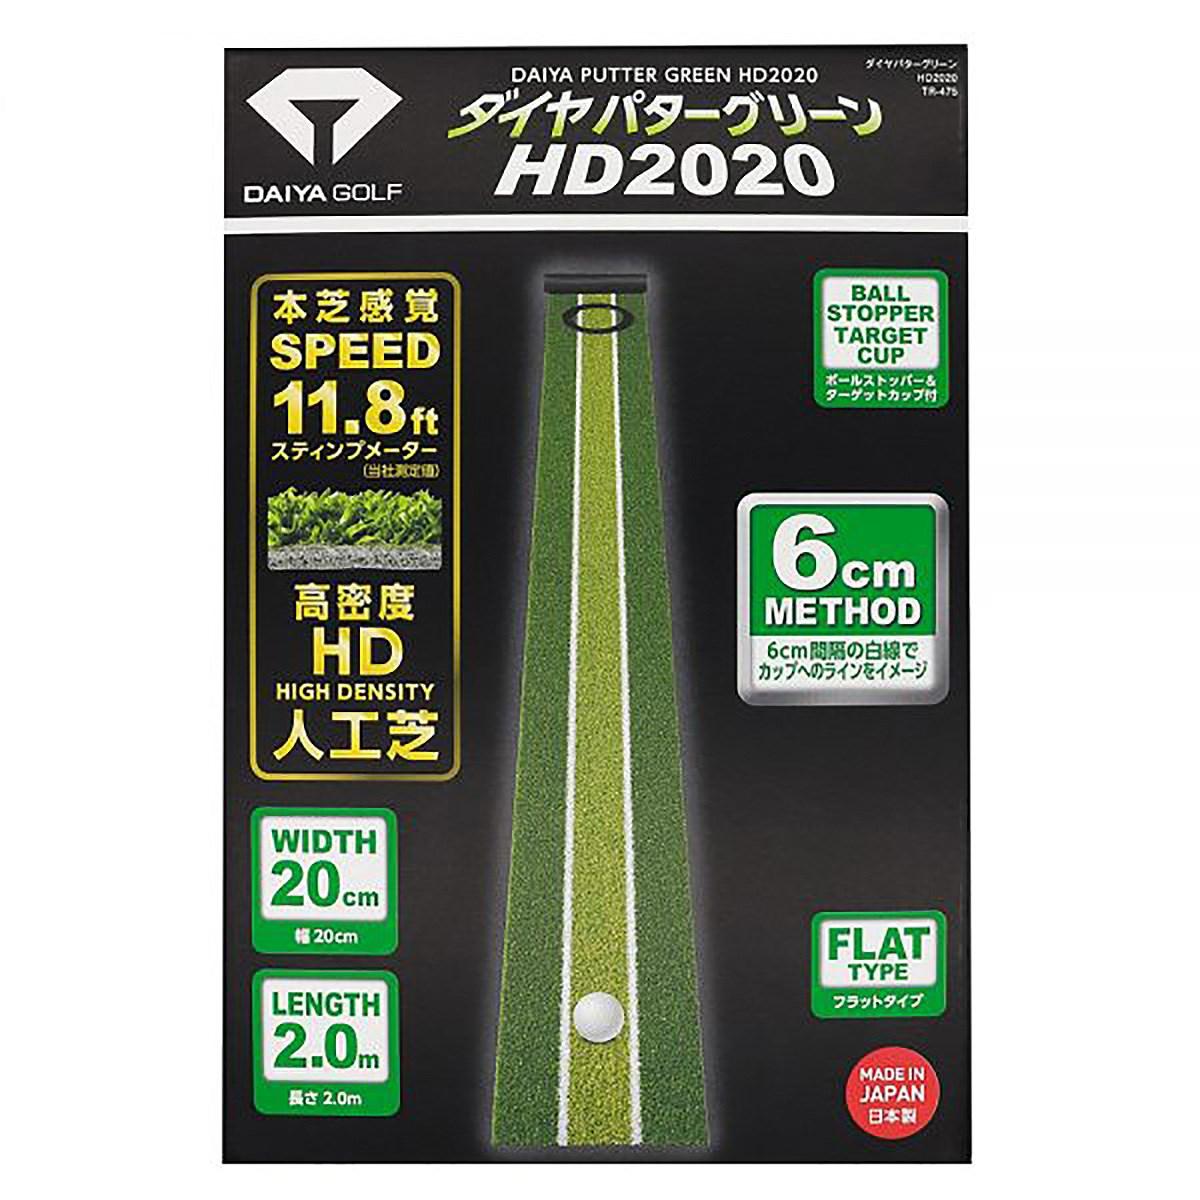 ダイヤゴルフ DAIYA GOLF ダイヤパターグリーン HD2020 グリーン